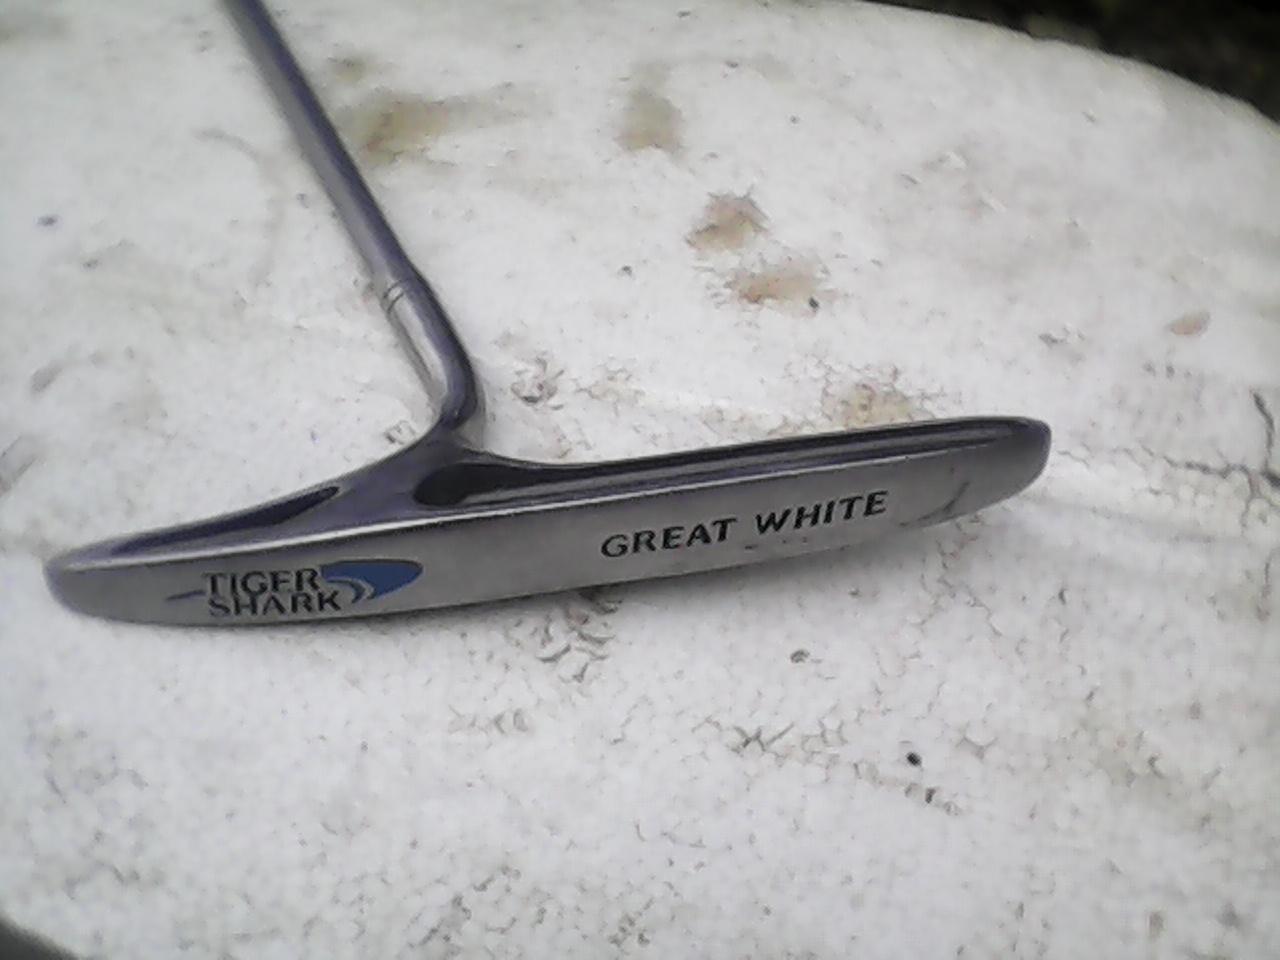 Tiger shark putter Graet White